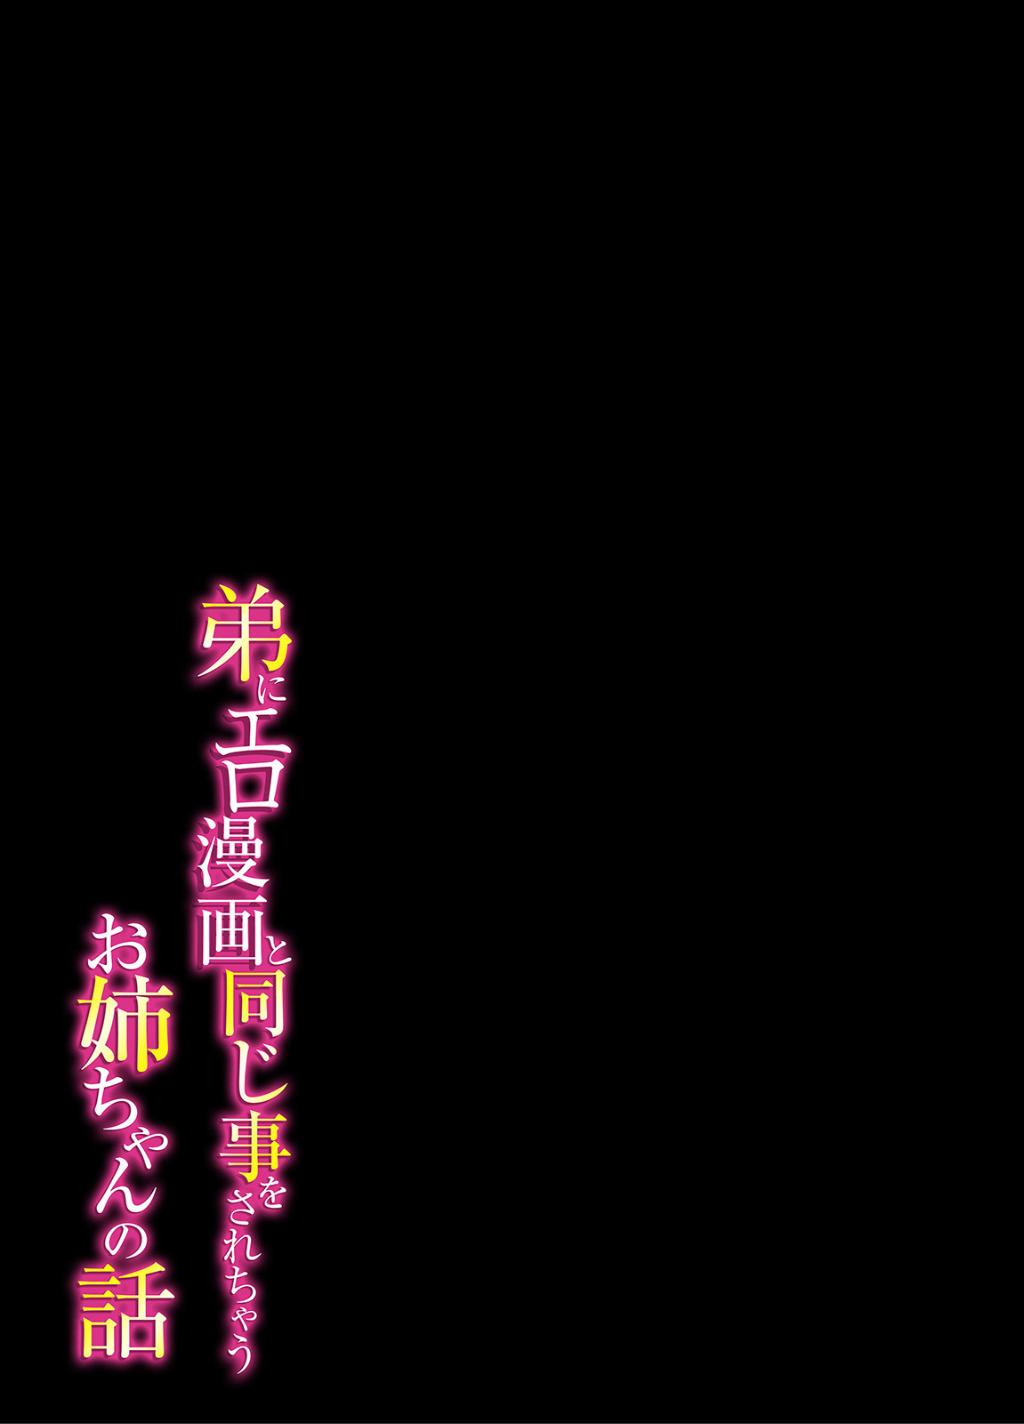 Otouto ni Ero Manga to Onaji Koto o Sare Chau o Nee-chan no Hanashi 2 26